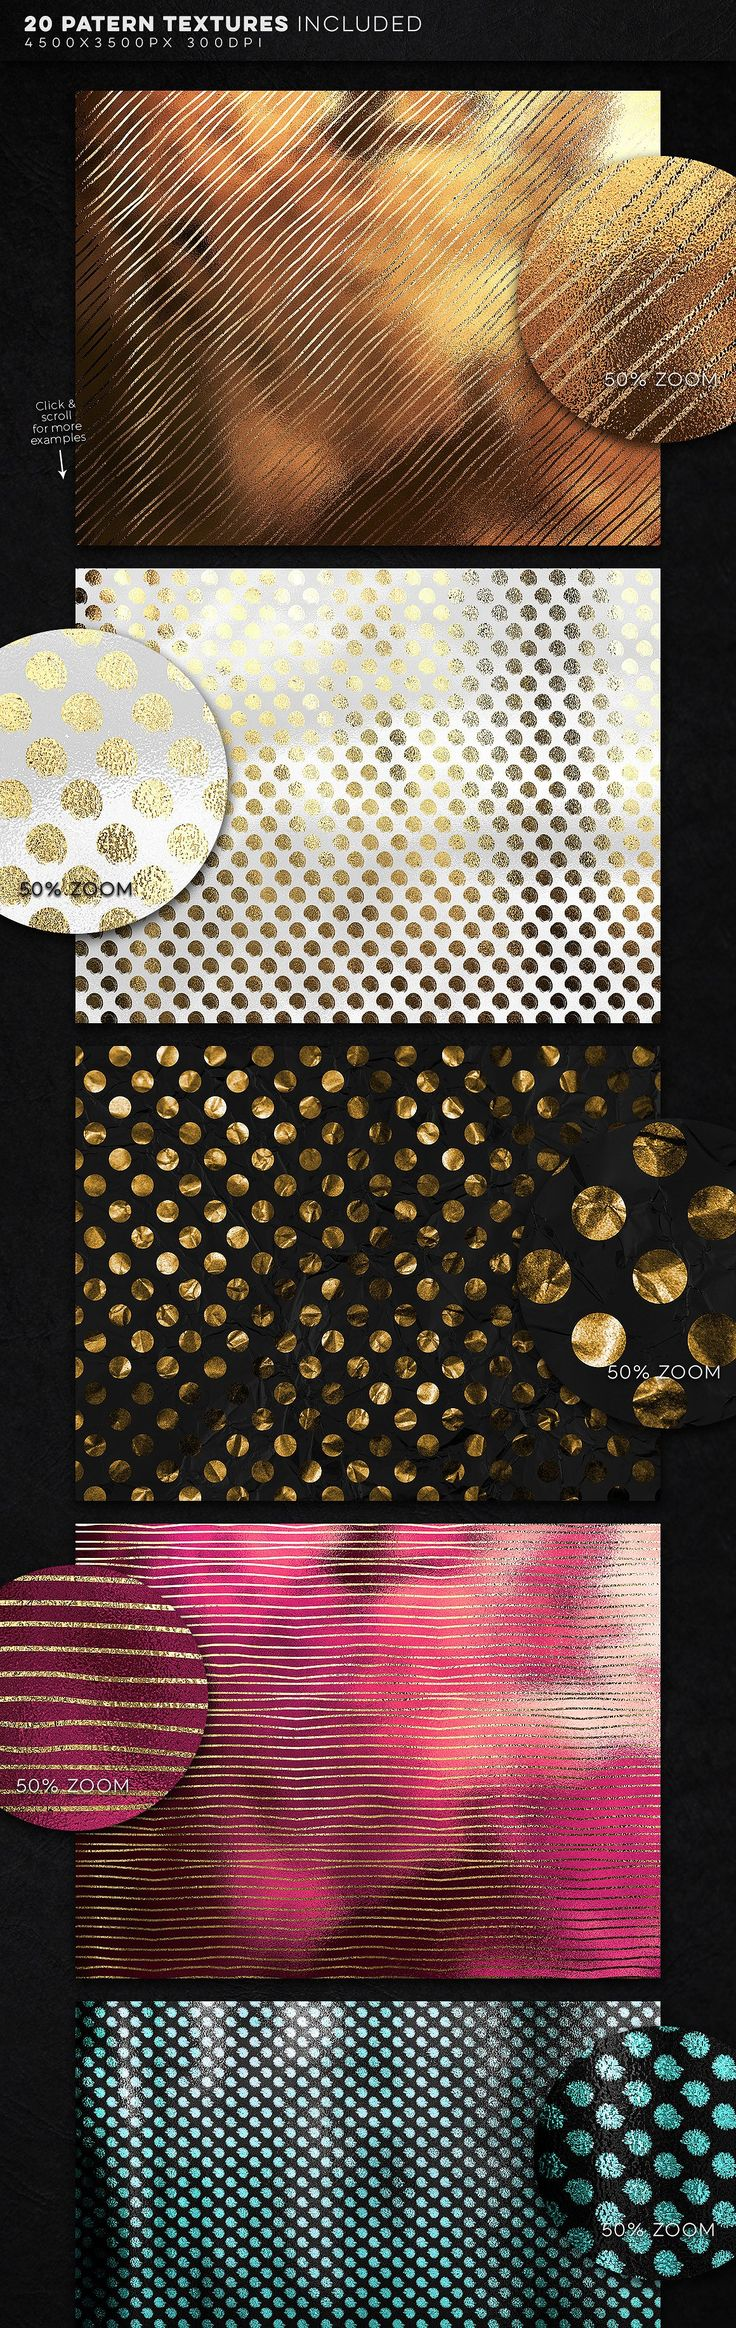 350 Gold & Metallic Textures Bundle by Zeppelin Graphics on @creativemarket